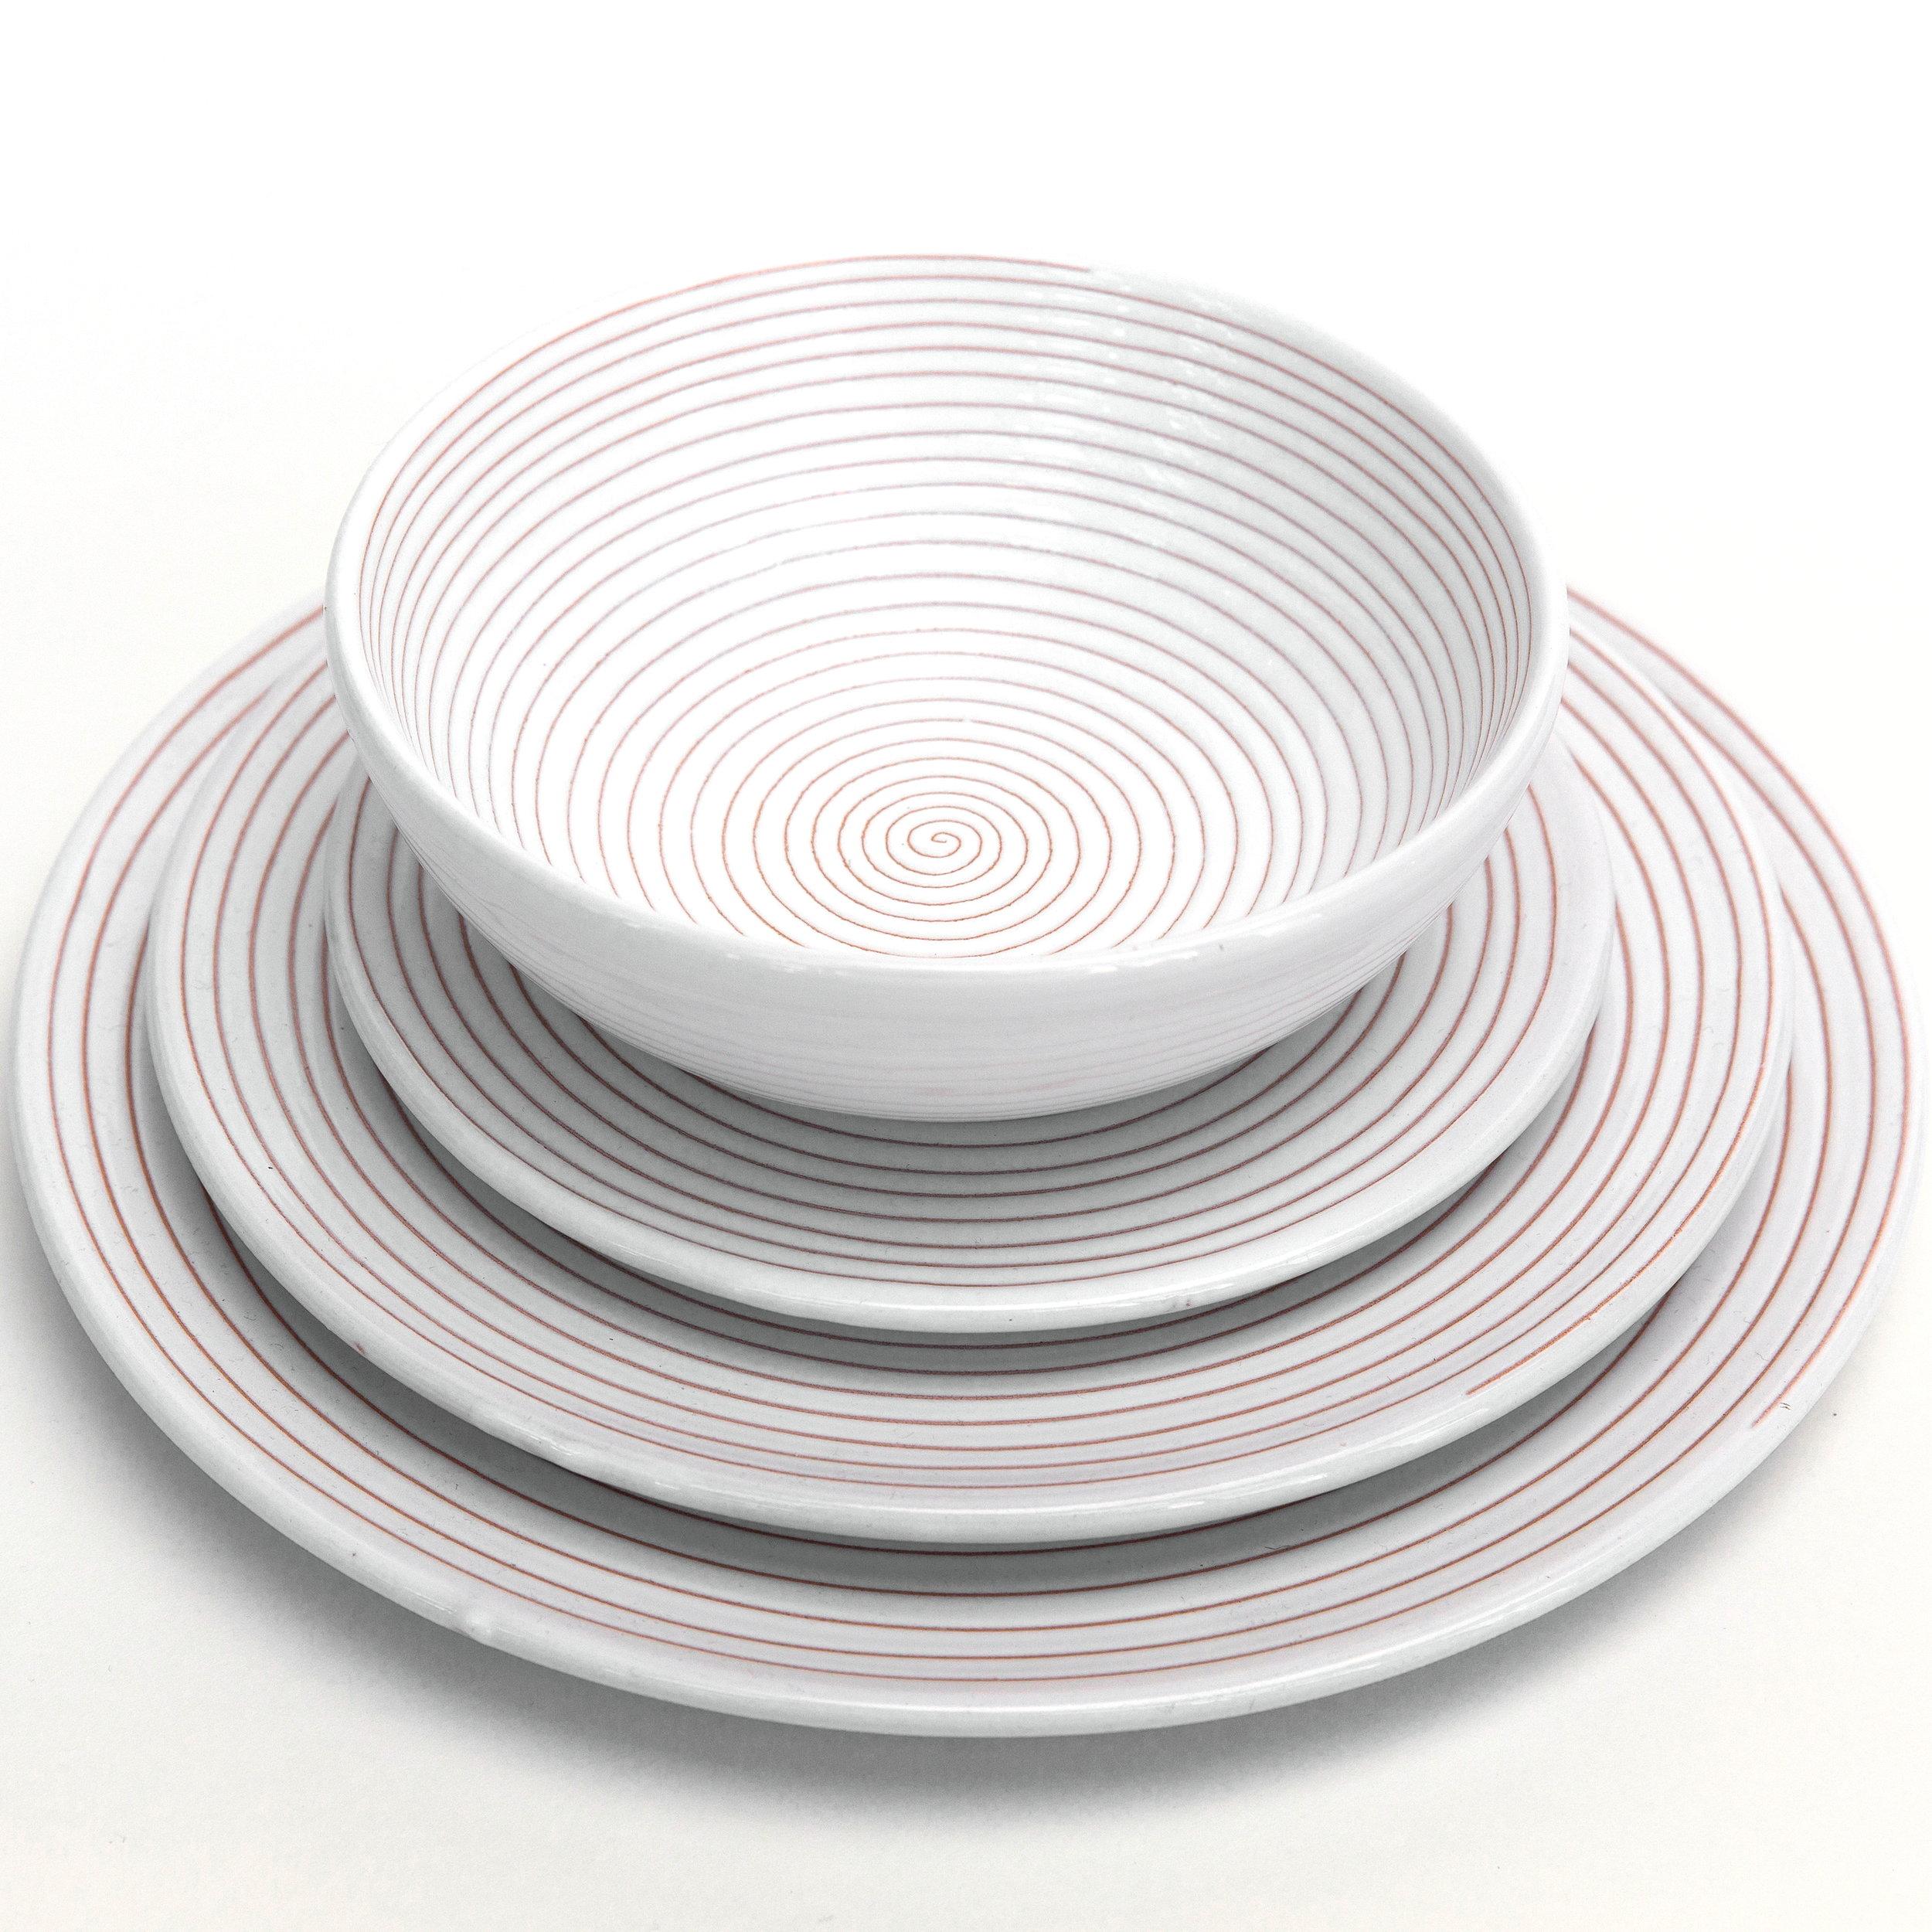 Graffito Swirl Dinnerware (Custom Order)  sc 1 st  Giardini Di Sole & Graffito Swirl Dinnerware (Custom Order) \u2014 Giardini Di Sole